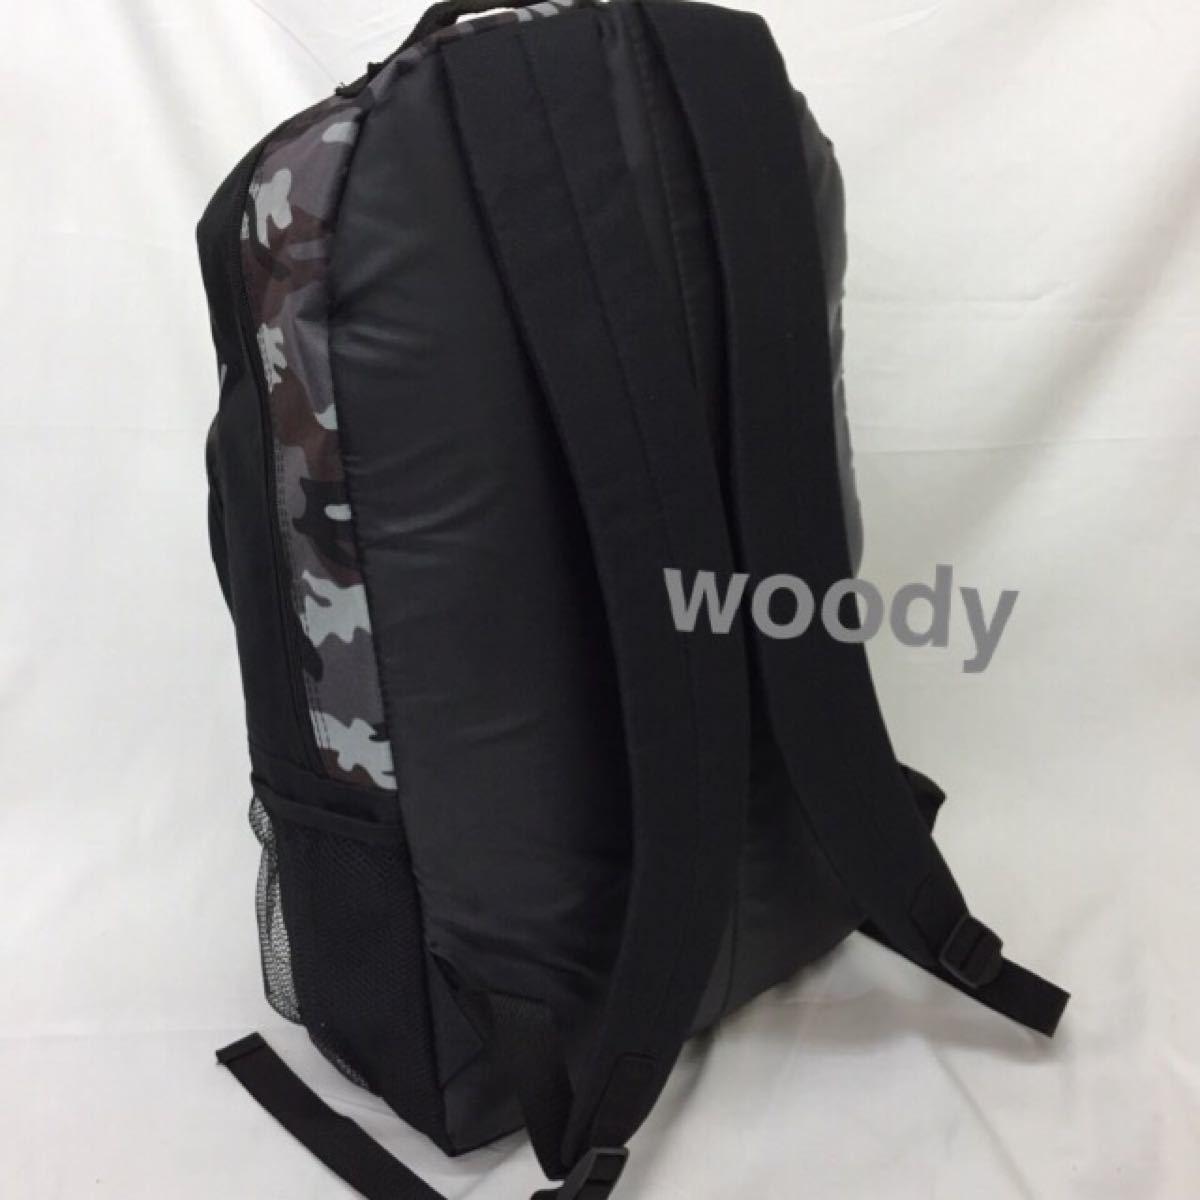 新品 リュック 大容量 リュックサック バックパック 防災リュック 防災バッグ 防災 旅行 部活 メンズ レディース 迷彩グレー